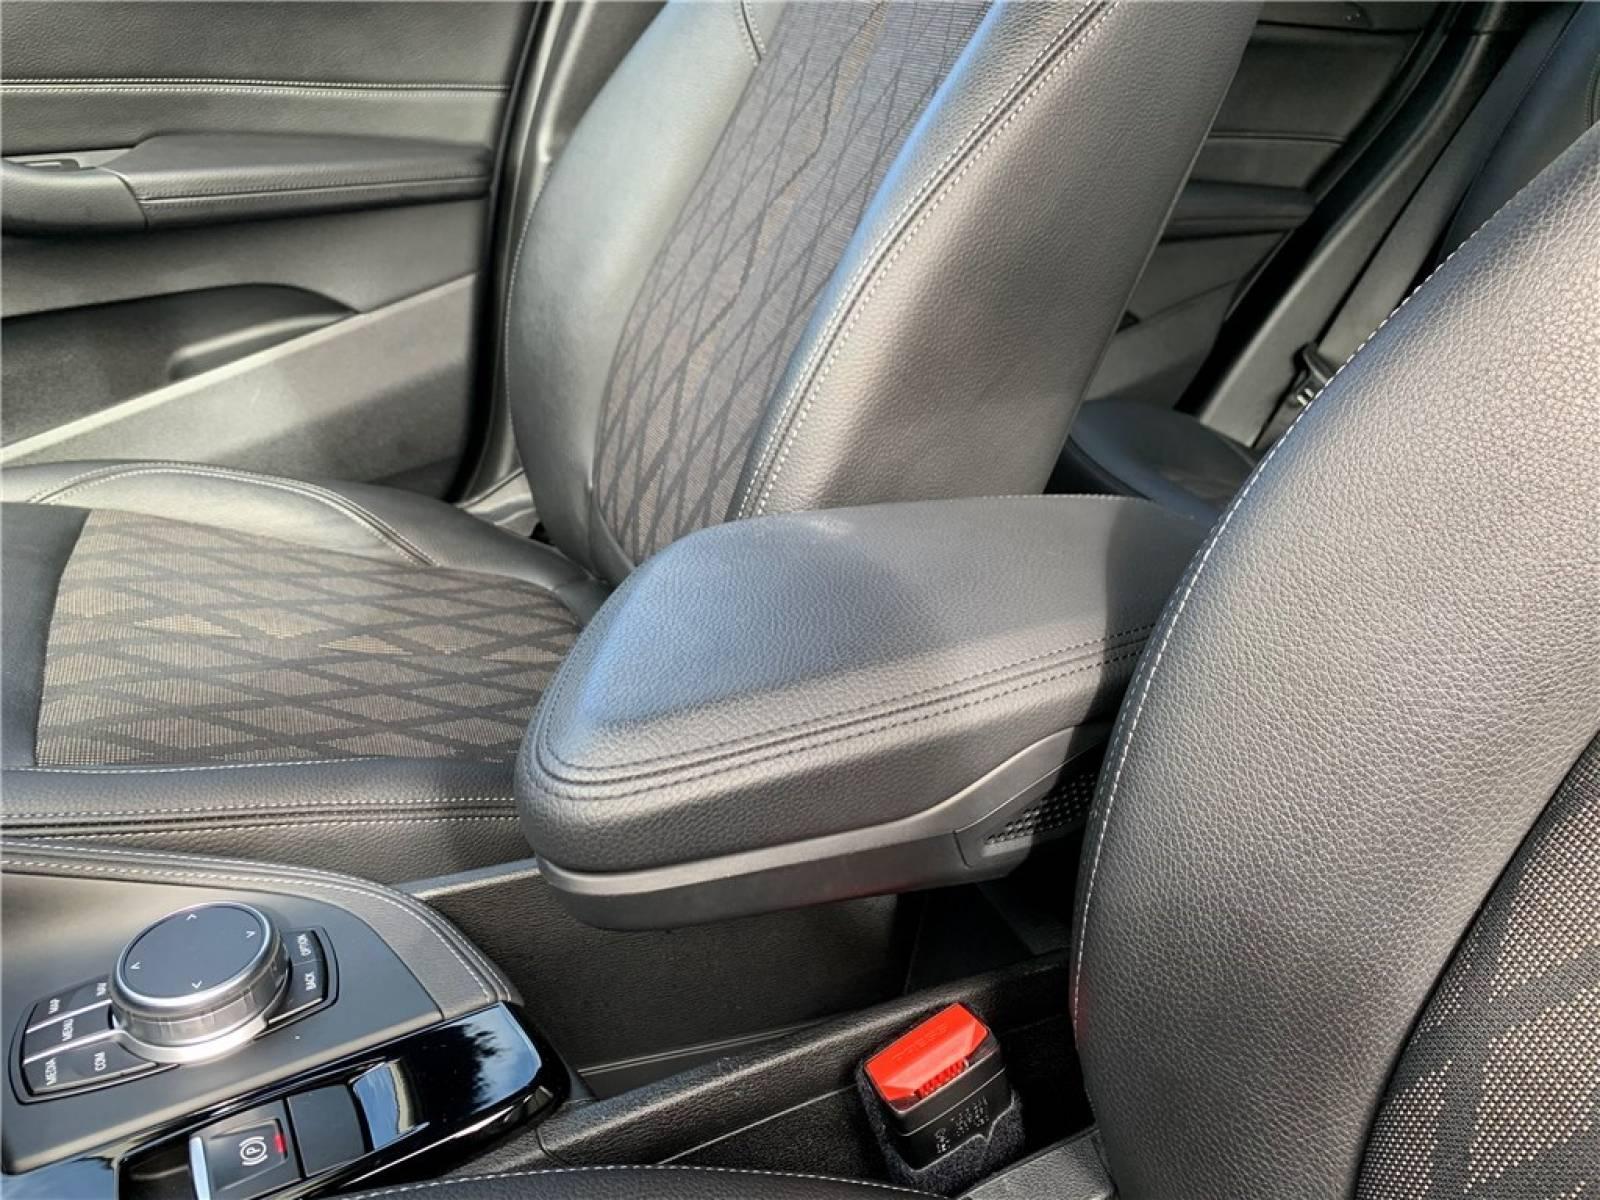 BMW X1 sDrive 18d 150 ch - véhicule d'occasion - Groupe Guillet - Hyundai - Zenith Motors – Montceau-les-Mines - 71300 - Montceau-les-Mines - 43